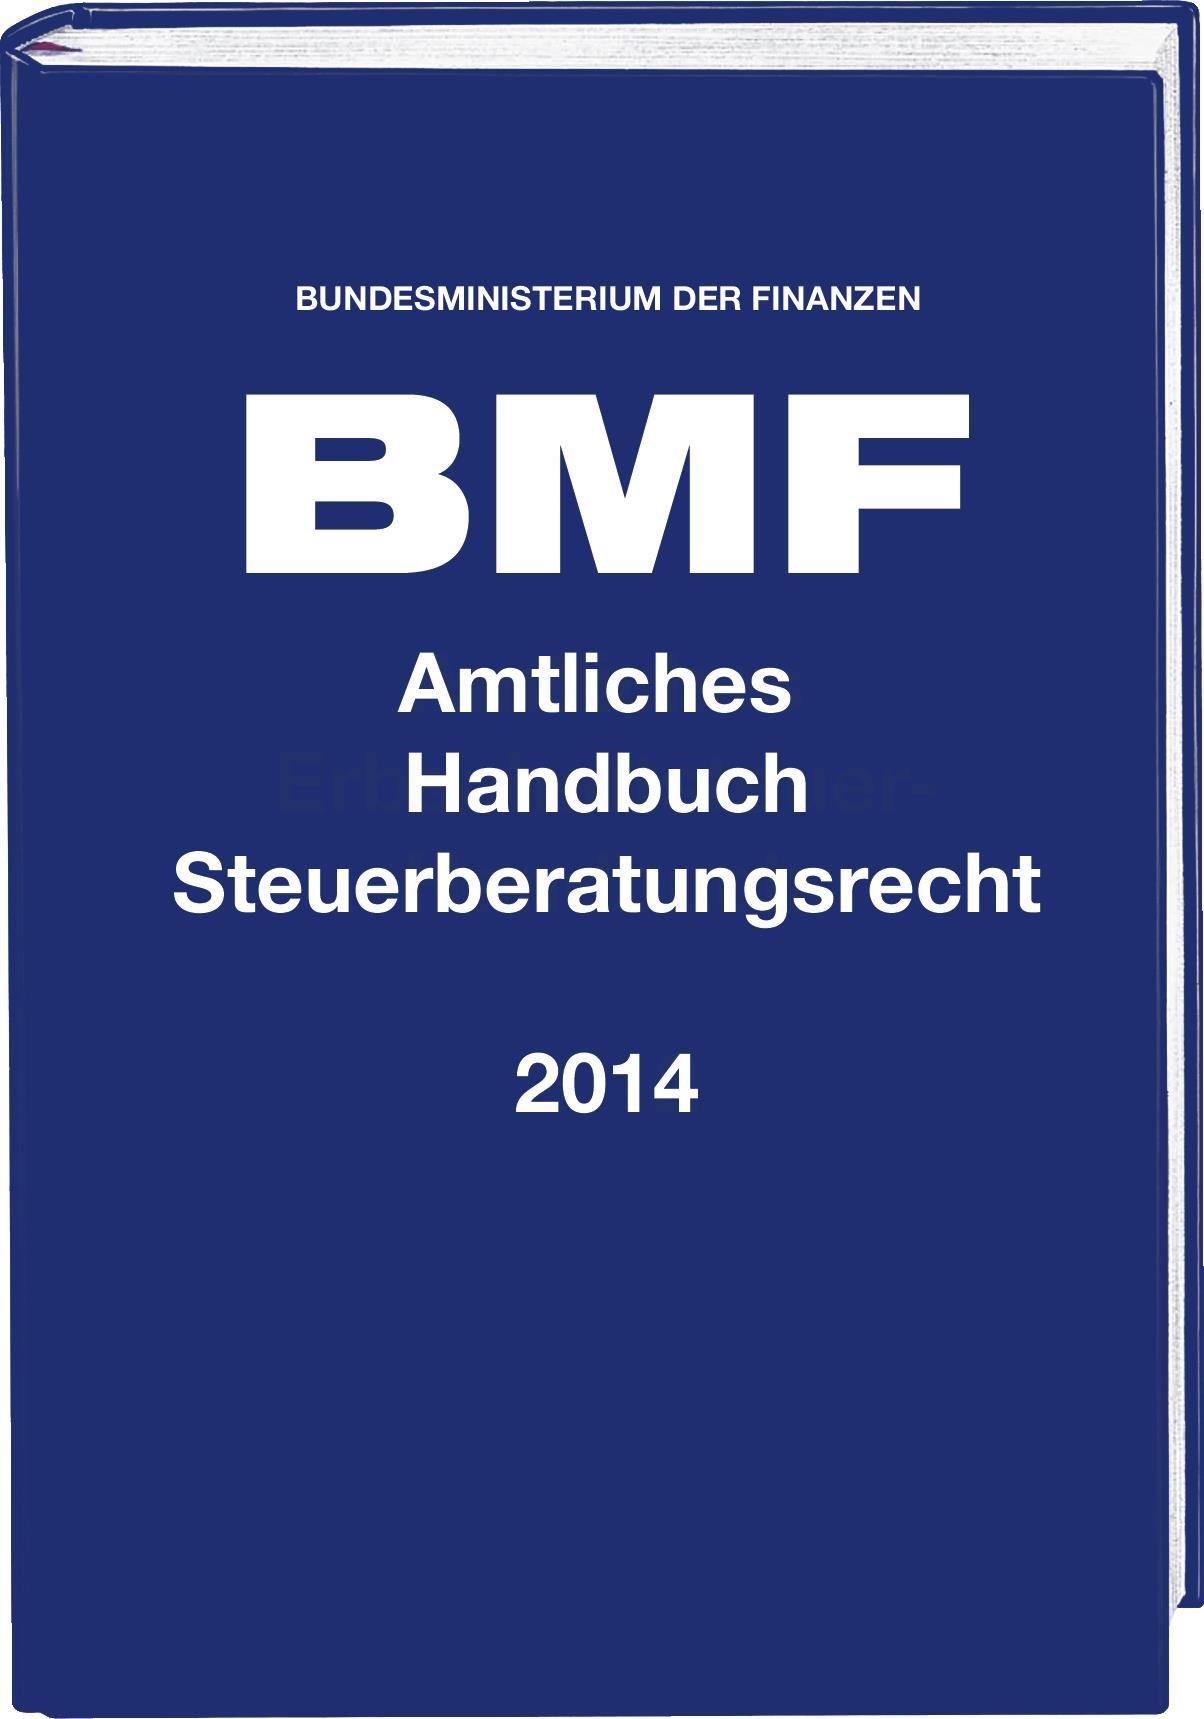 Amtliches Handbuch Steuerberatungsrecht 2014 | Bundesministerium der Finanzen (BMF), 2014 | Buch (Cover)